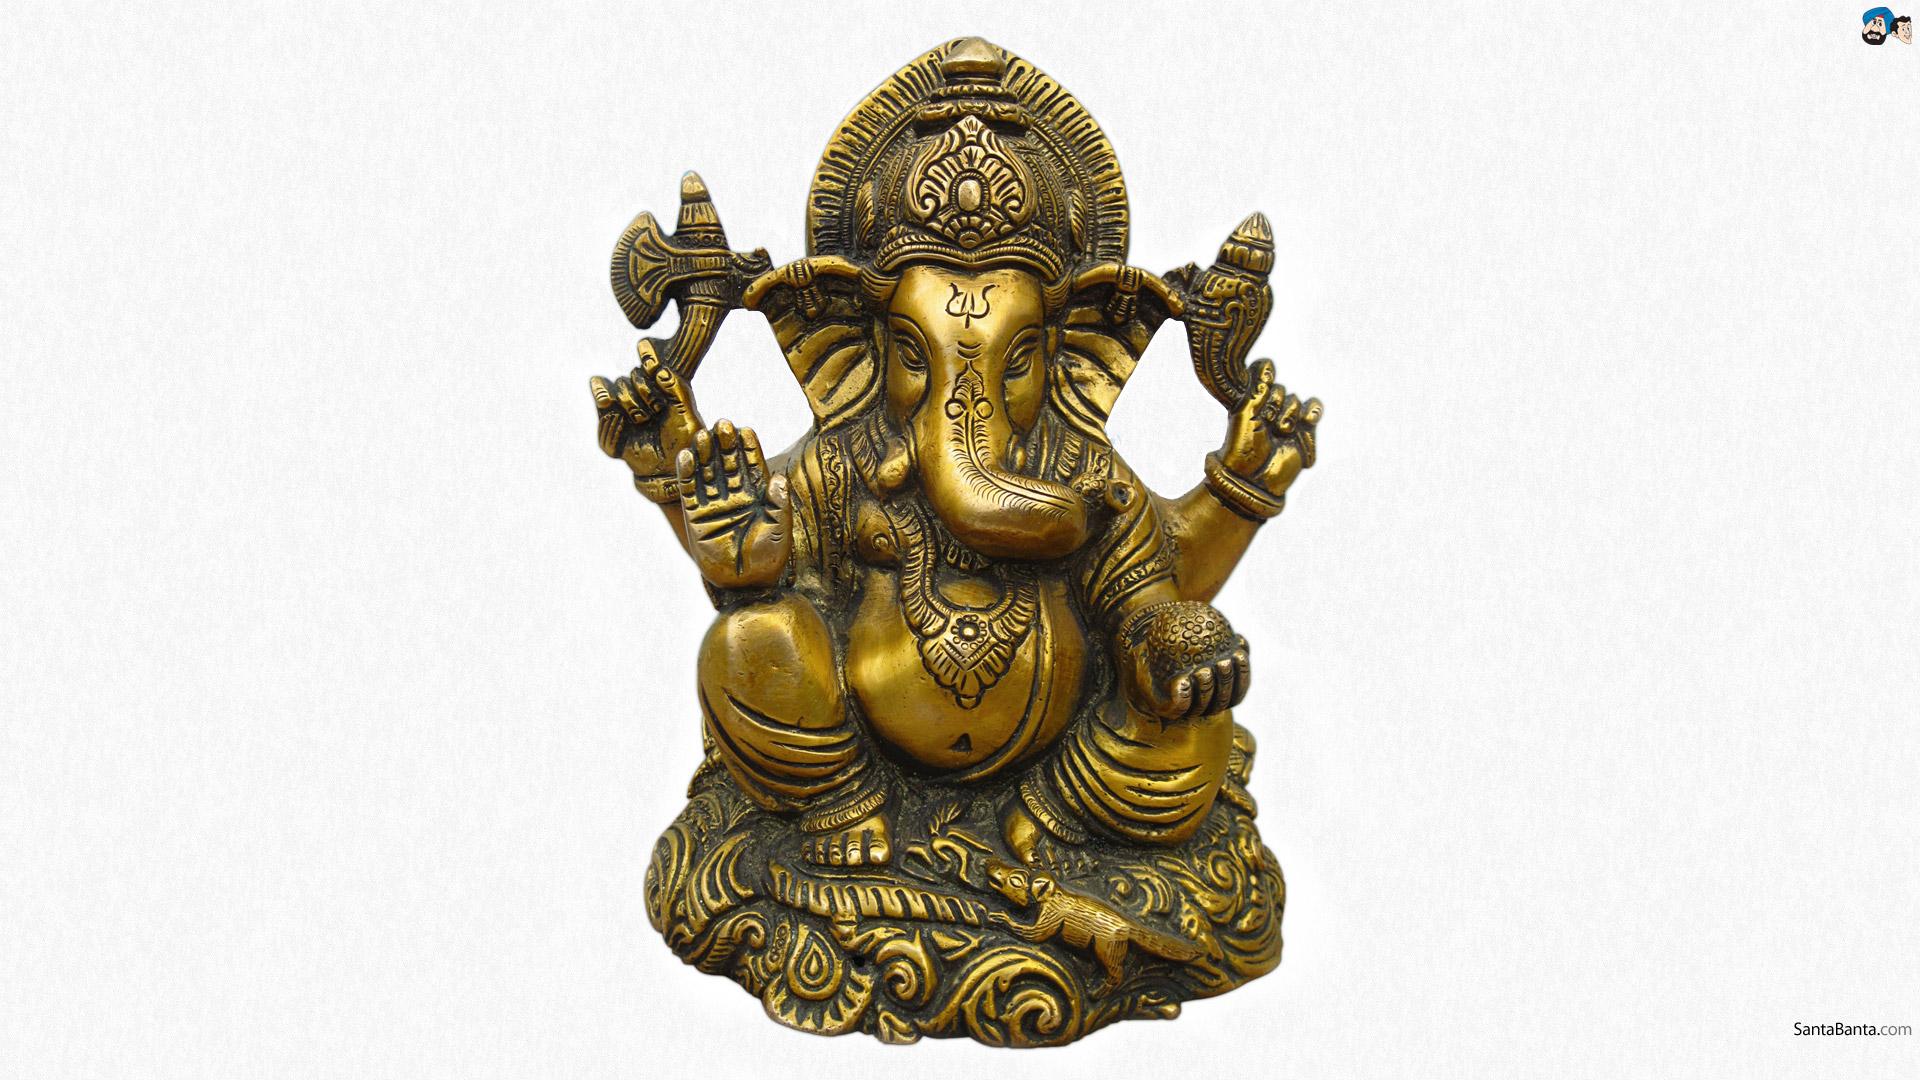 Panchmukhi Ganesh Wallpaper Hd God Ganesh Hd Images God Hd Wallpapers